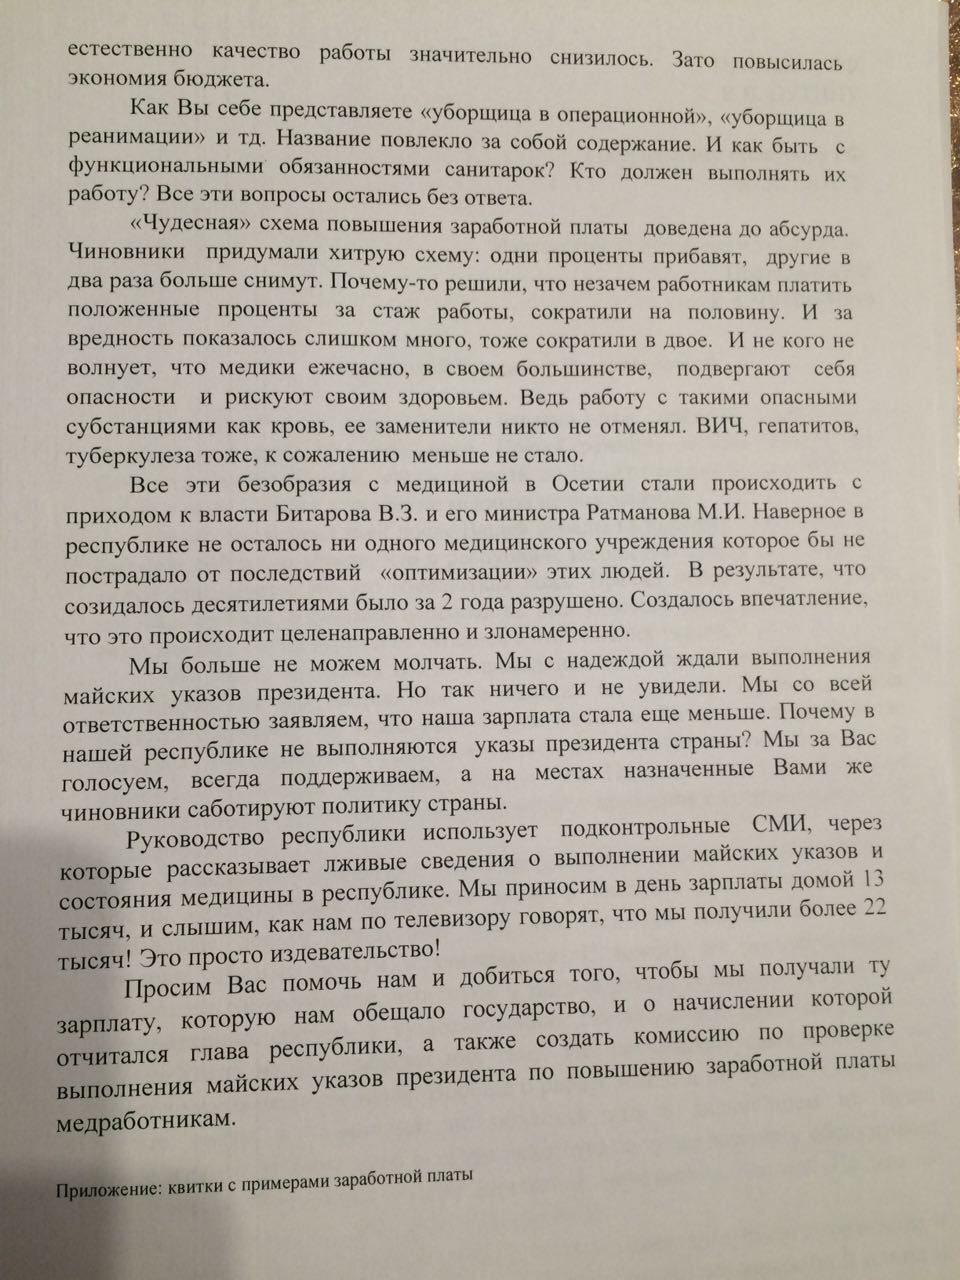 Медработники центральной районной больницы Беслана пожаловались президенту России Владимиру Путину на неисполнение майских указов и снижение заработной платы. Свои просьбы о помощи они написали в письме к главе страны, передаёт news-r.ru.